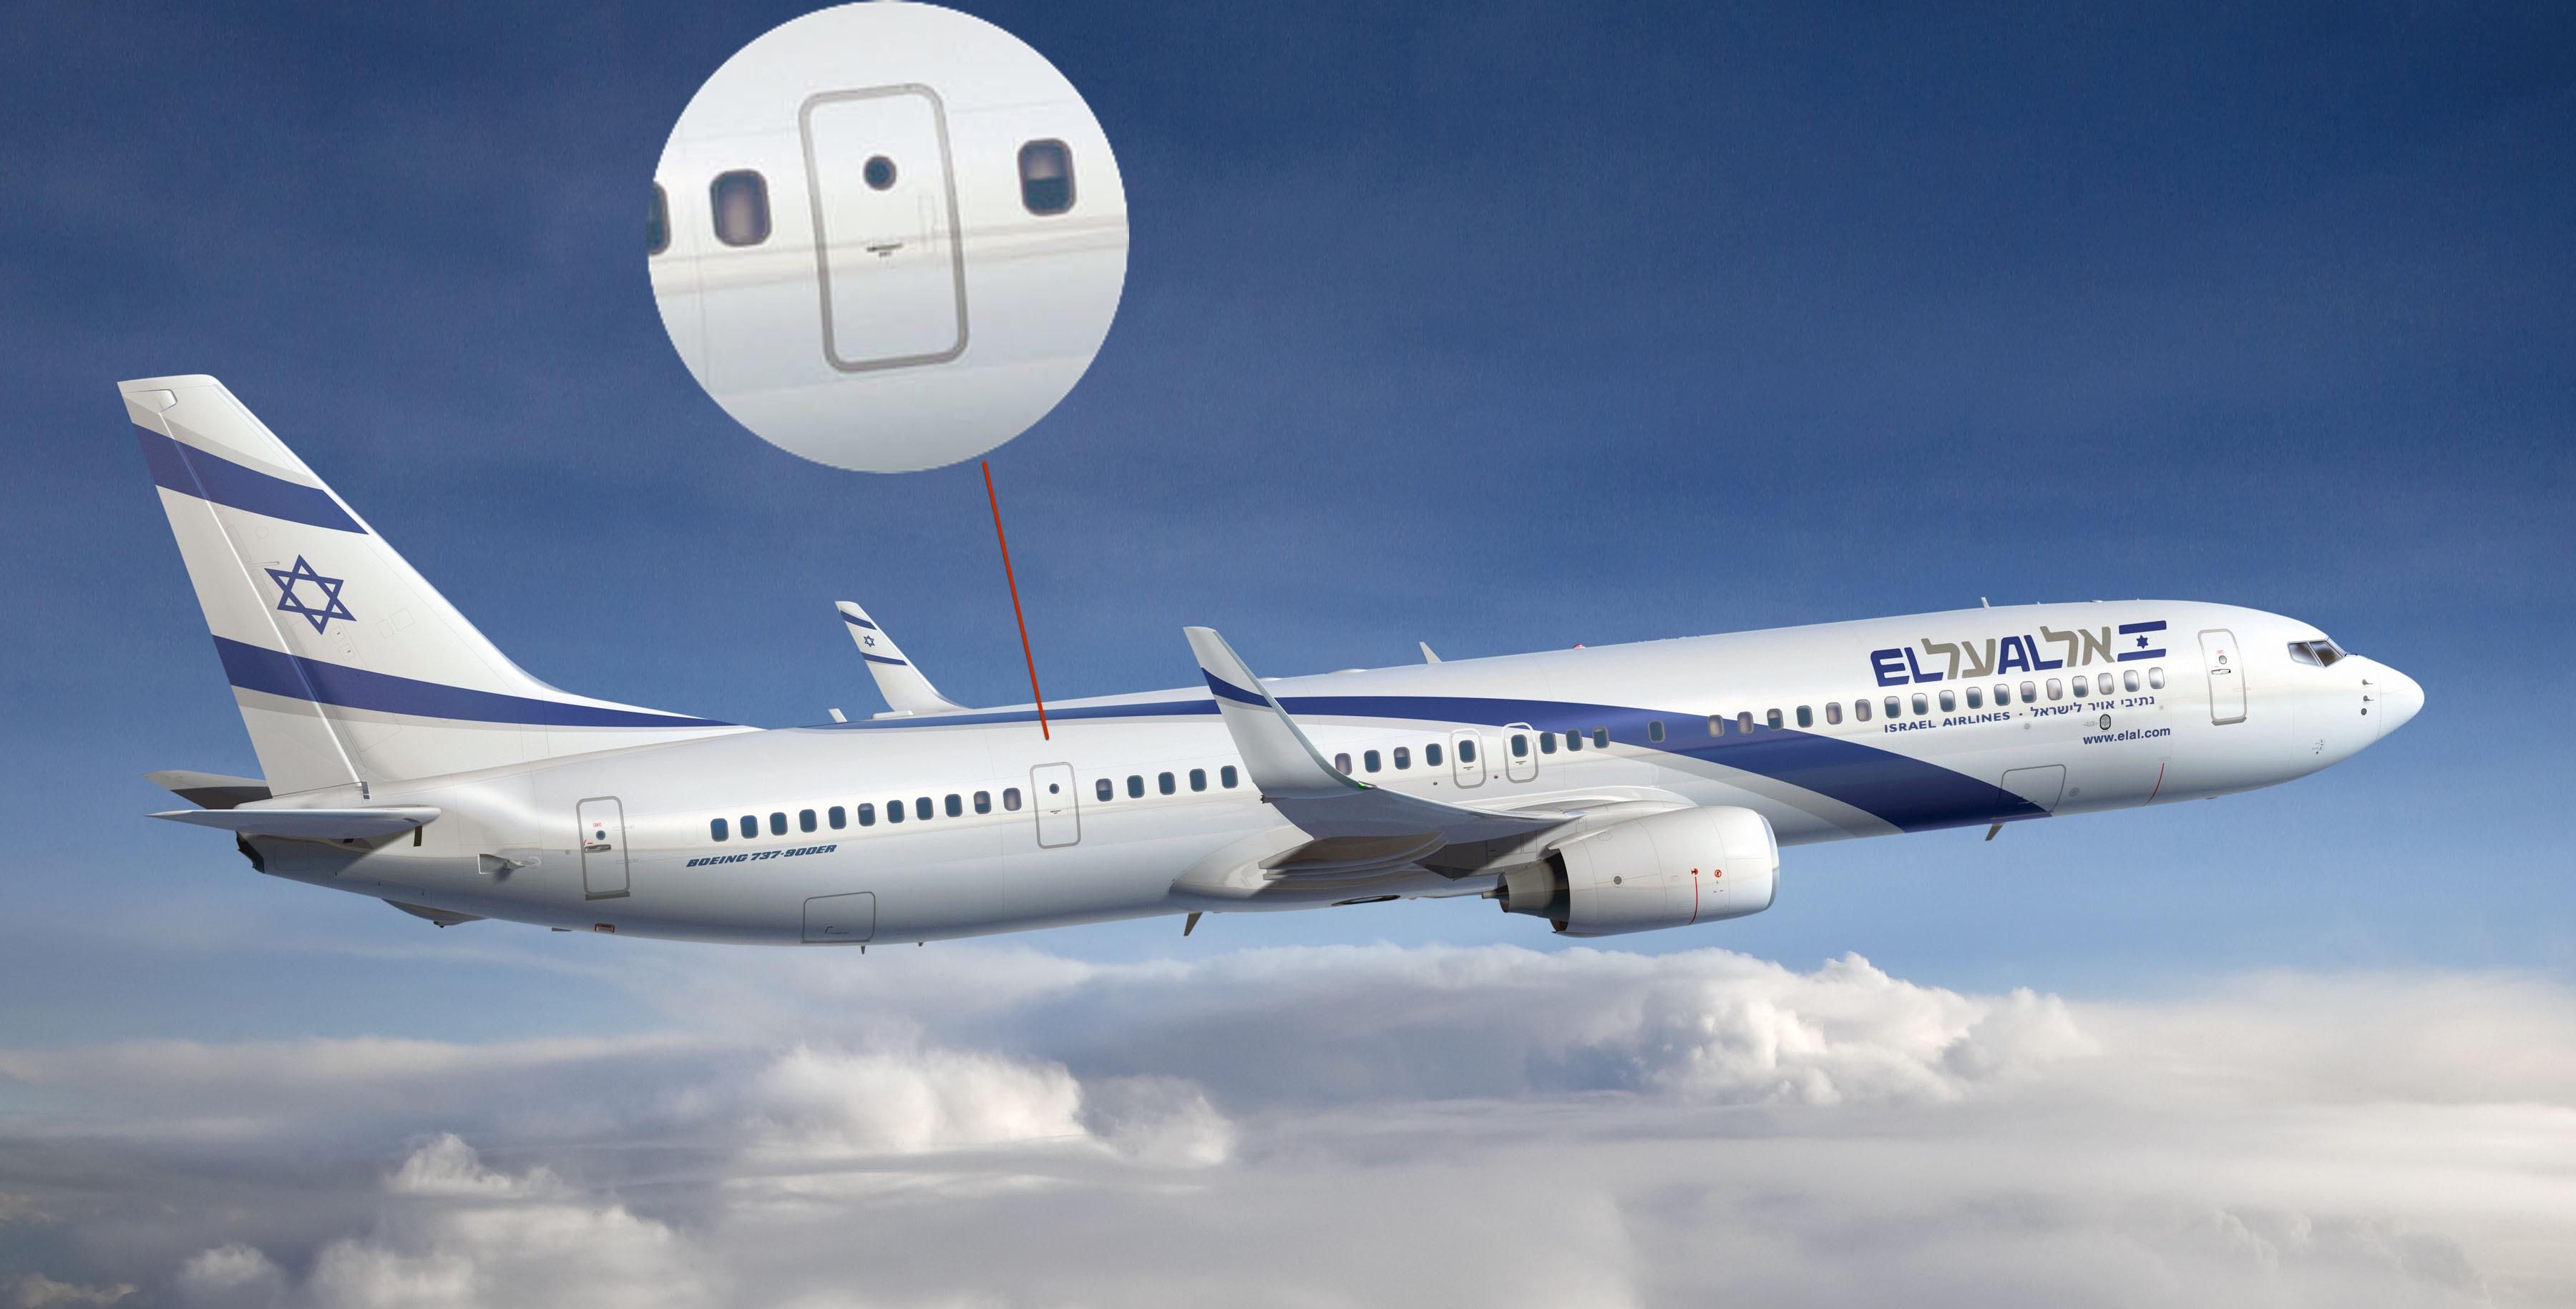 737-900ER отличается наличием дополнительных аварийных выходов в задней части фюзеляжа.